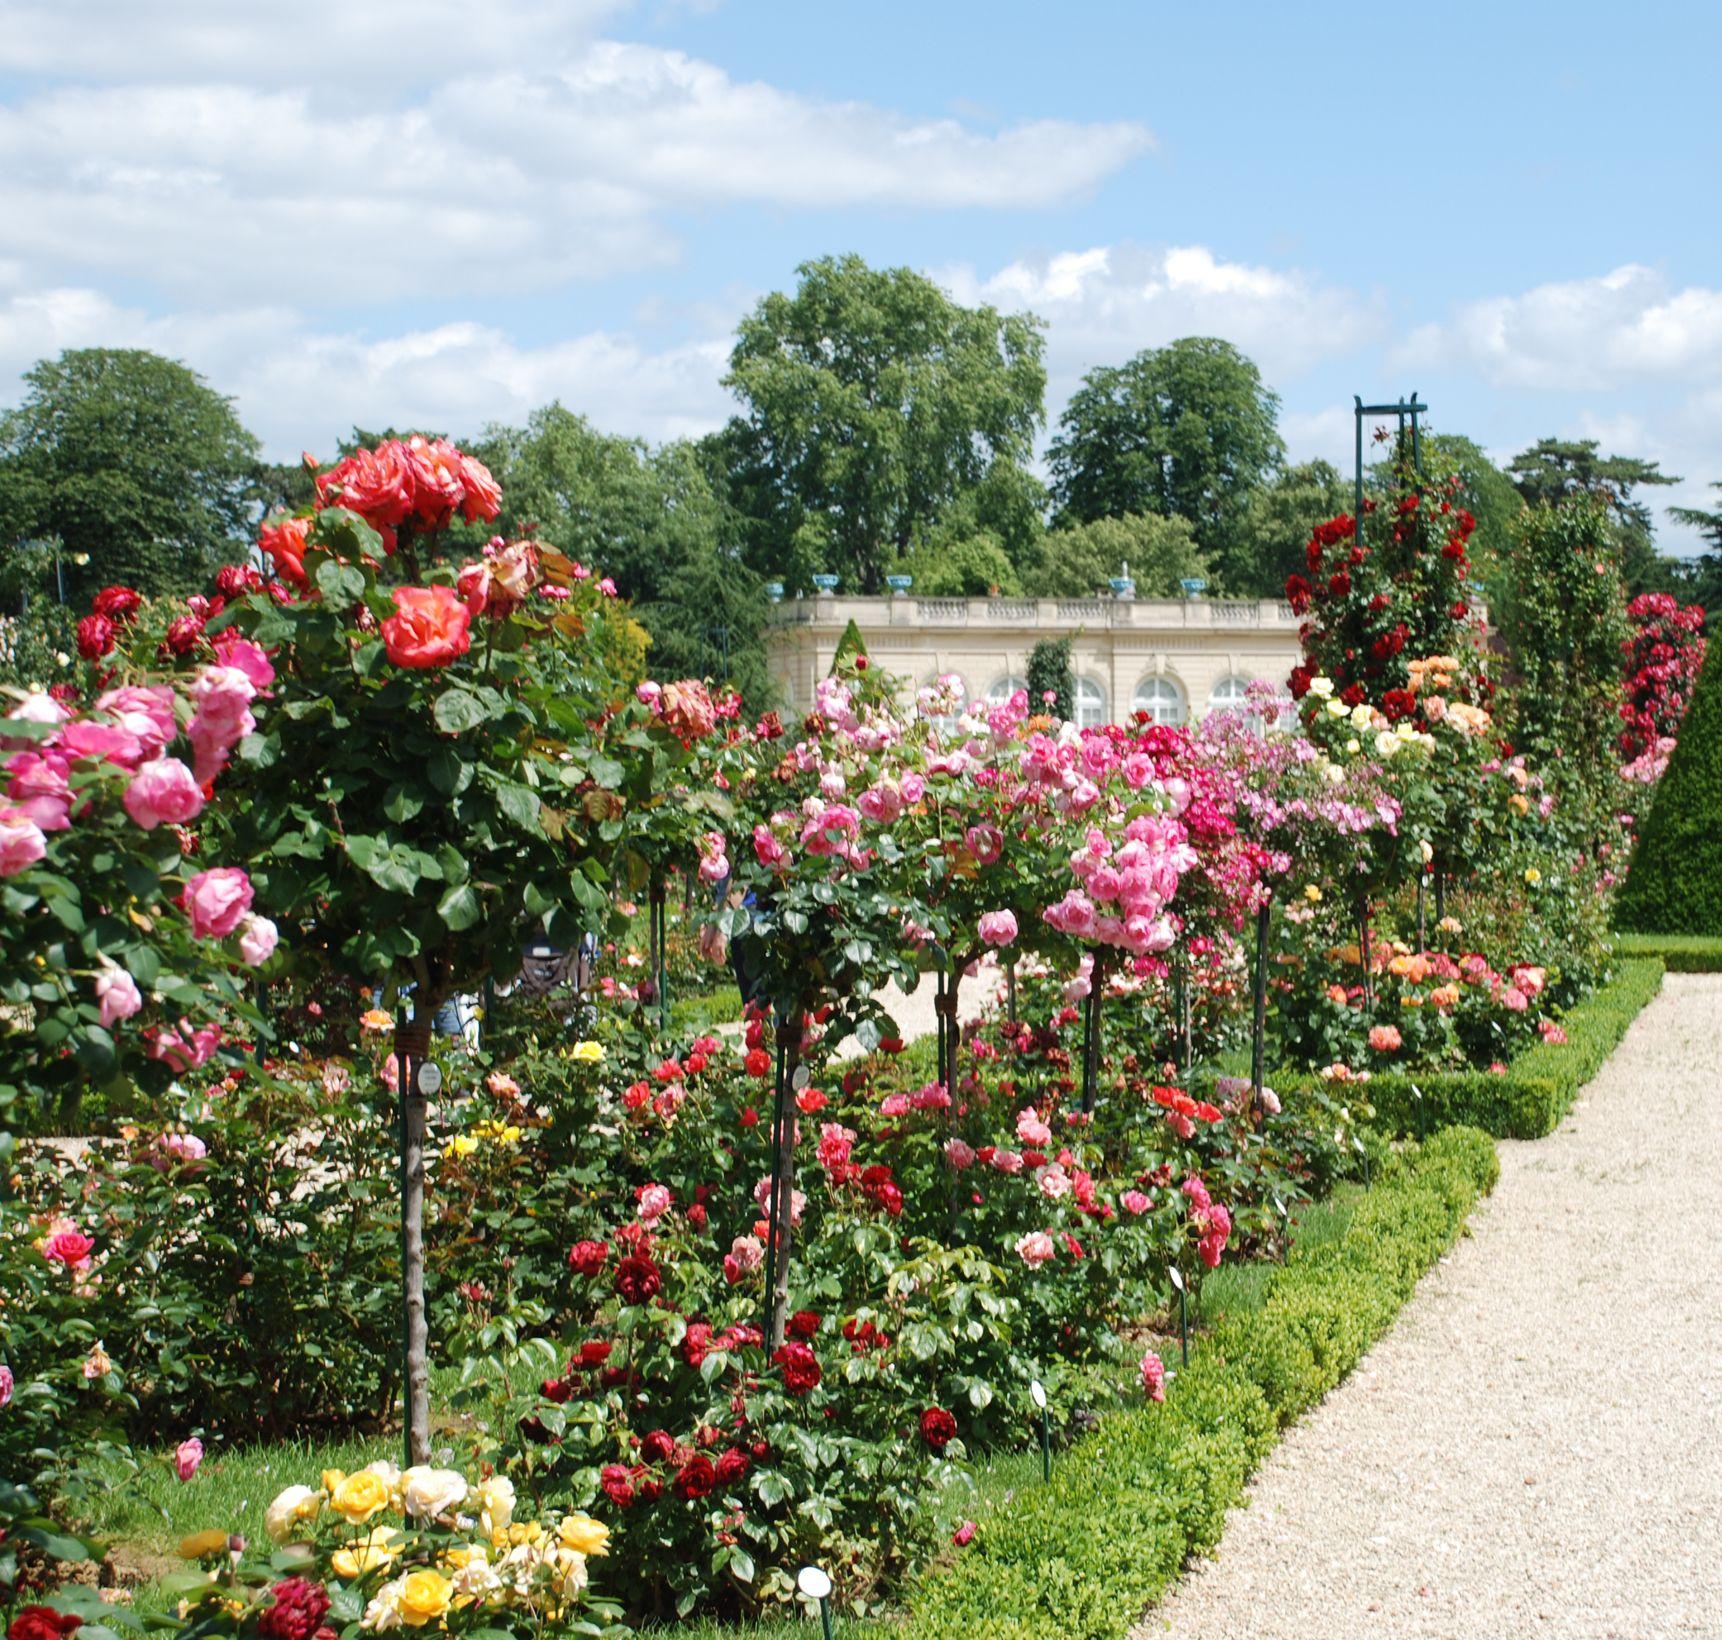 Jardin de bagatelle bois de boulogne la france paris for Bagatelle jardin